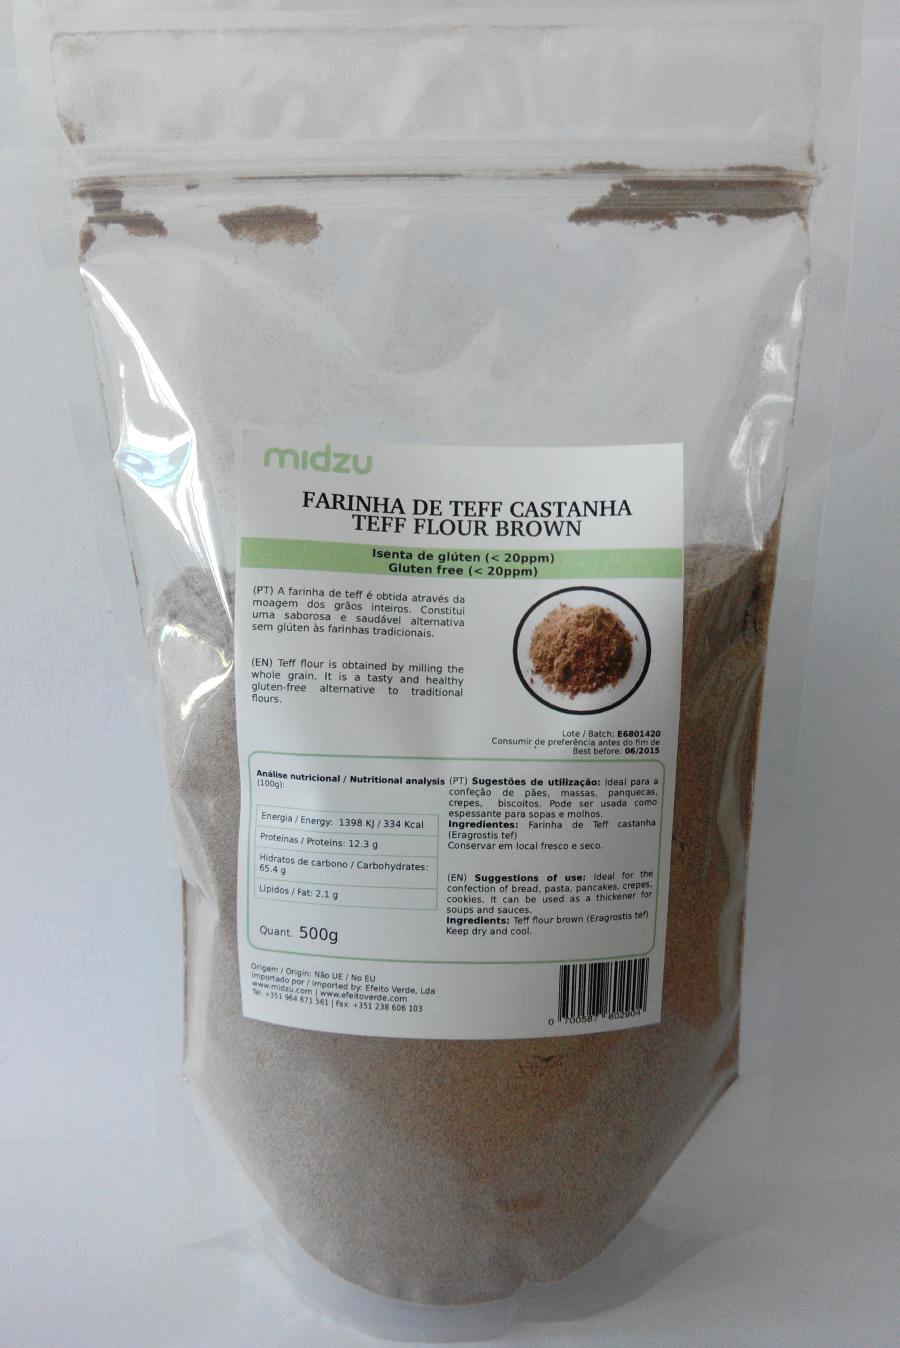 Brown Teff flour Midzu 500 g